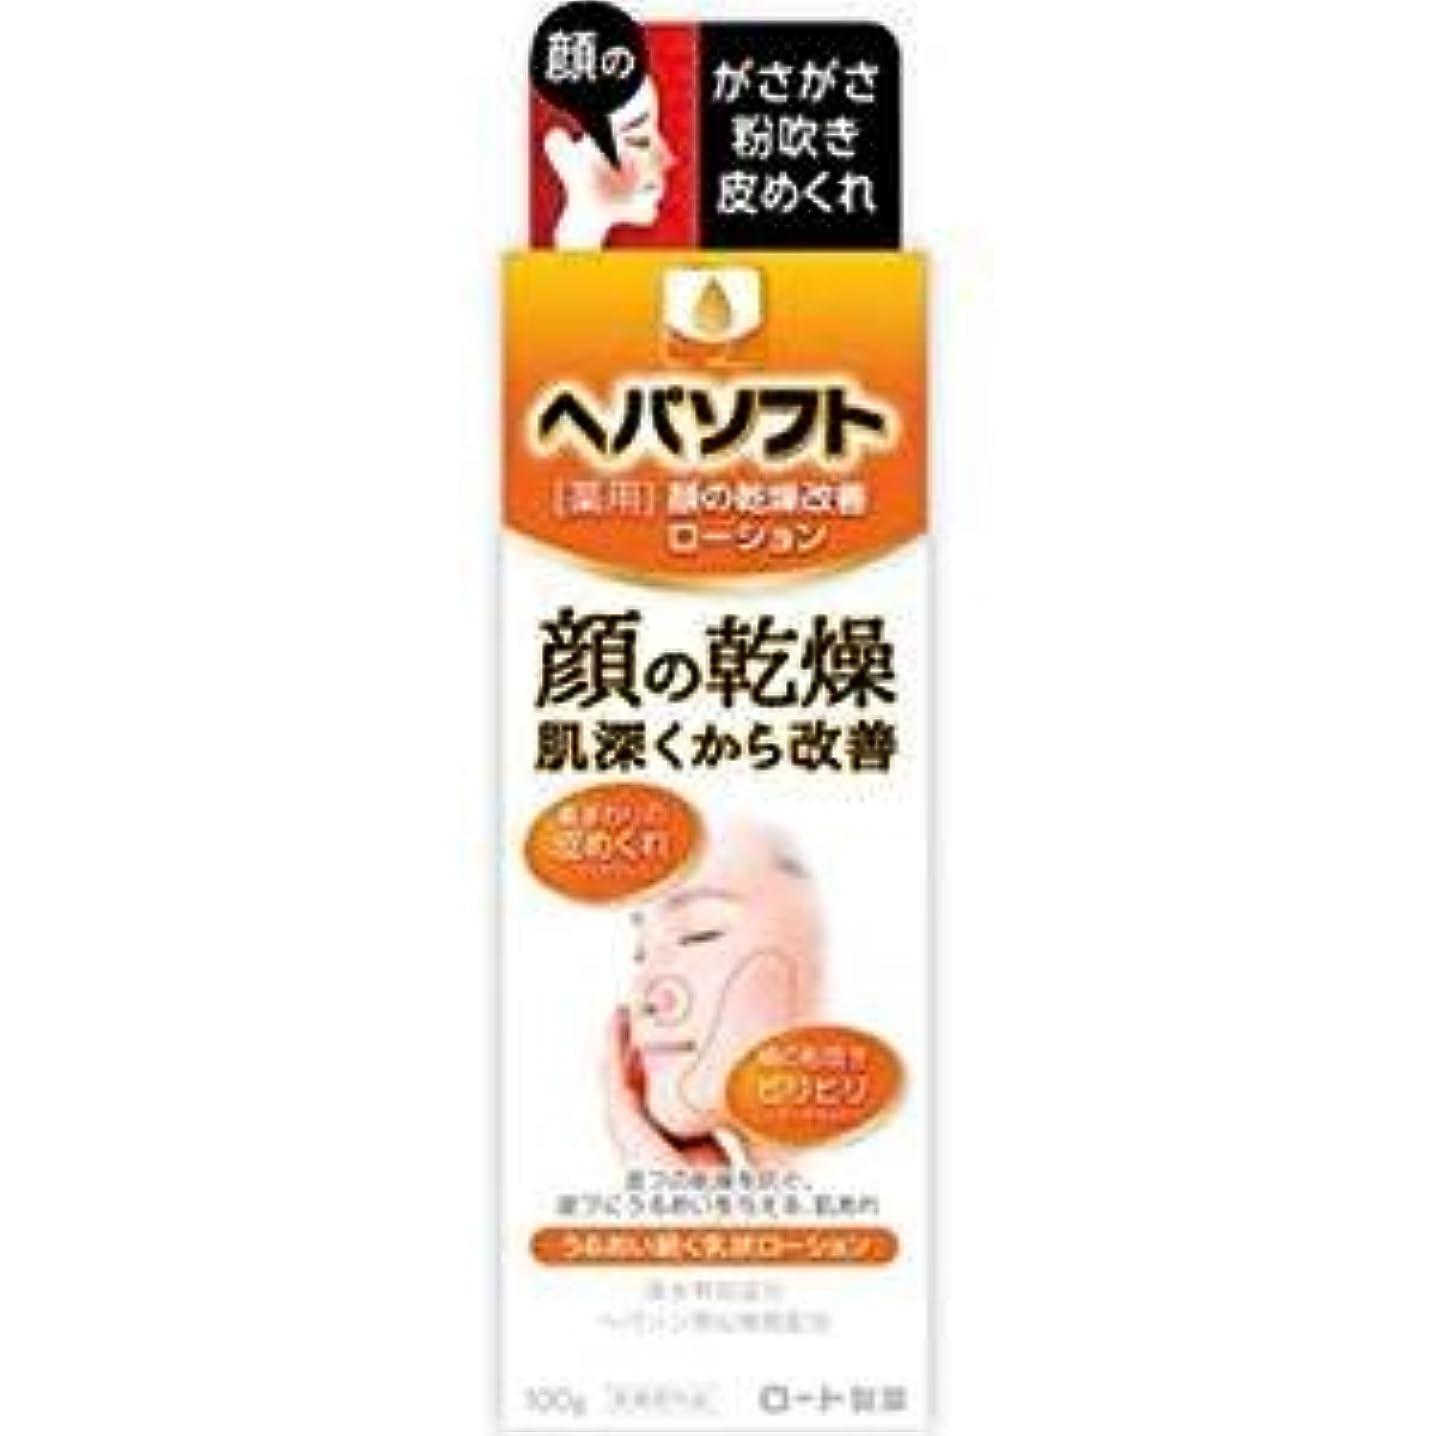 致死ネズミツールヘパソフト 薬用 顔ローション 100g (医薬部外品)3個